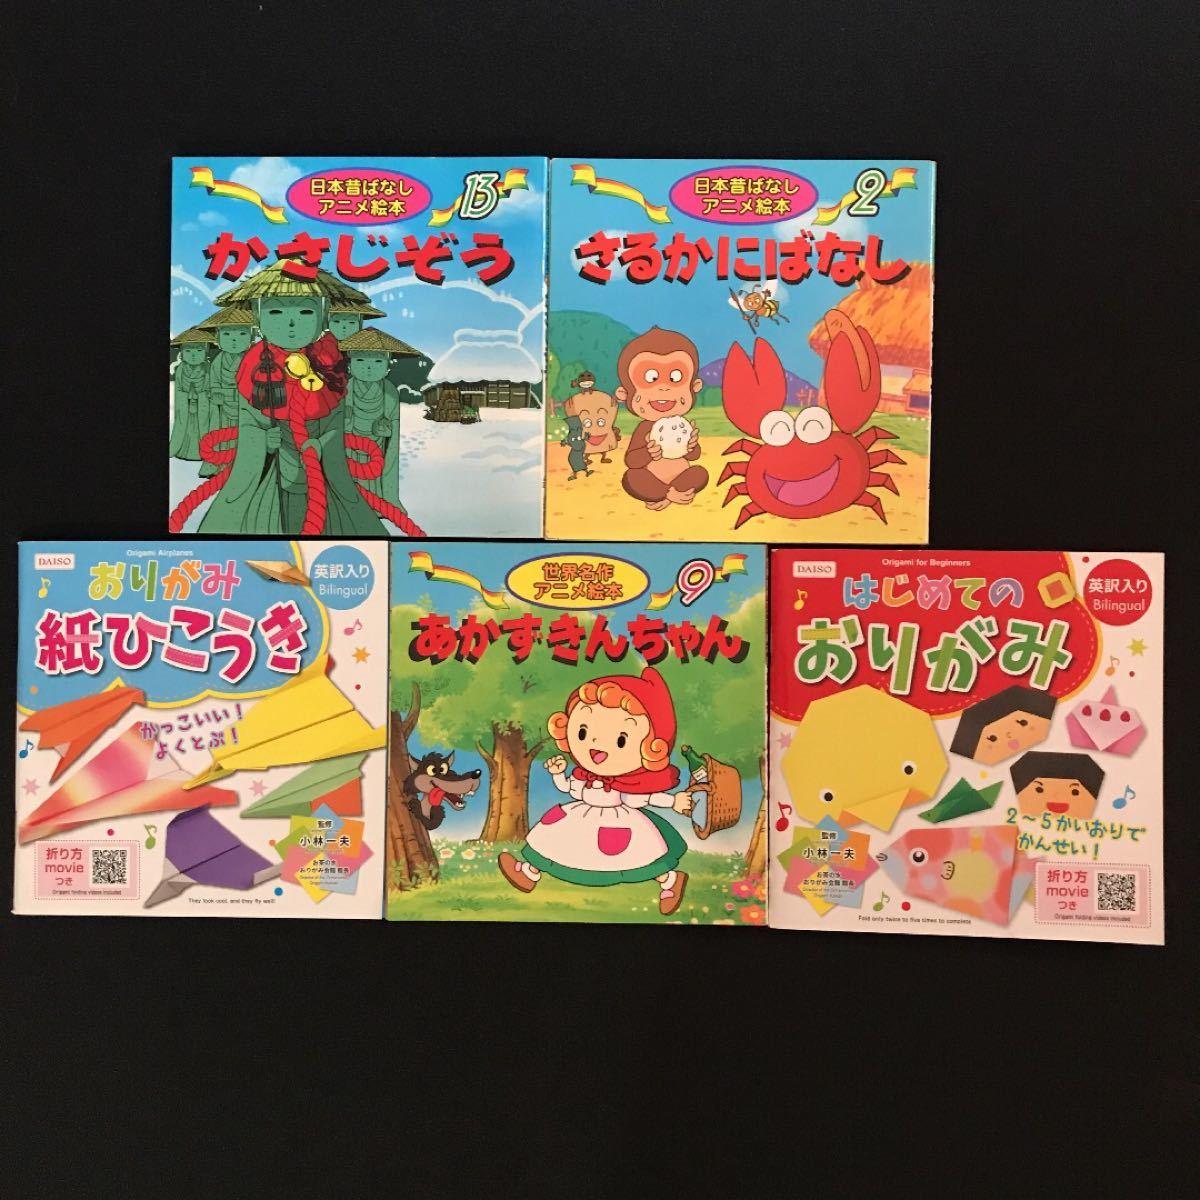 アニメ絵本 日本昔ばなし 世界名作 おりがみブック 5冊セット